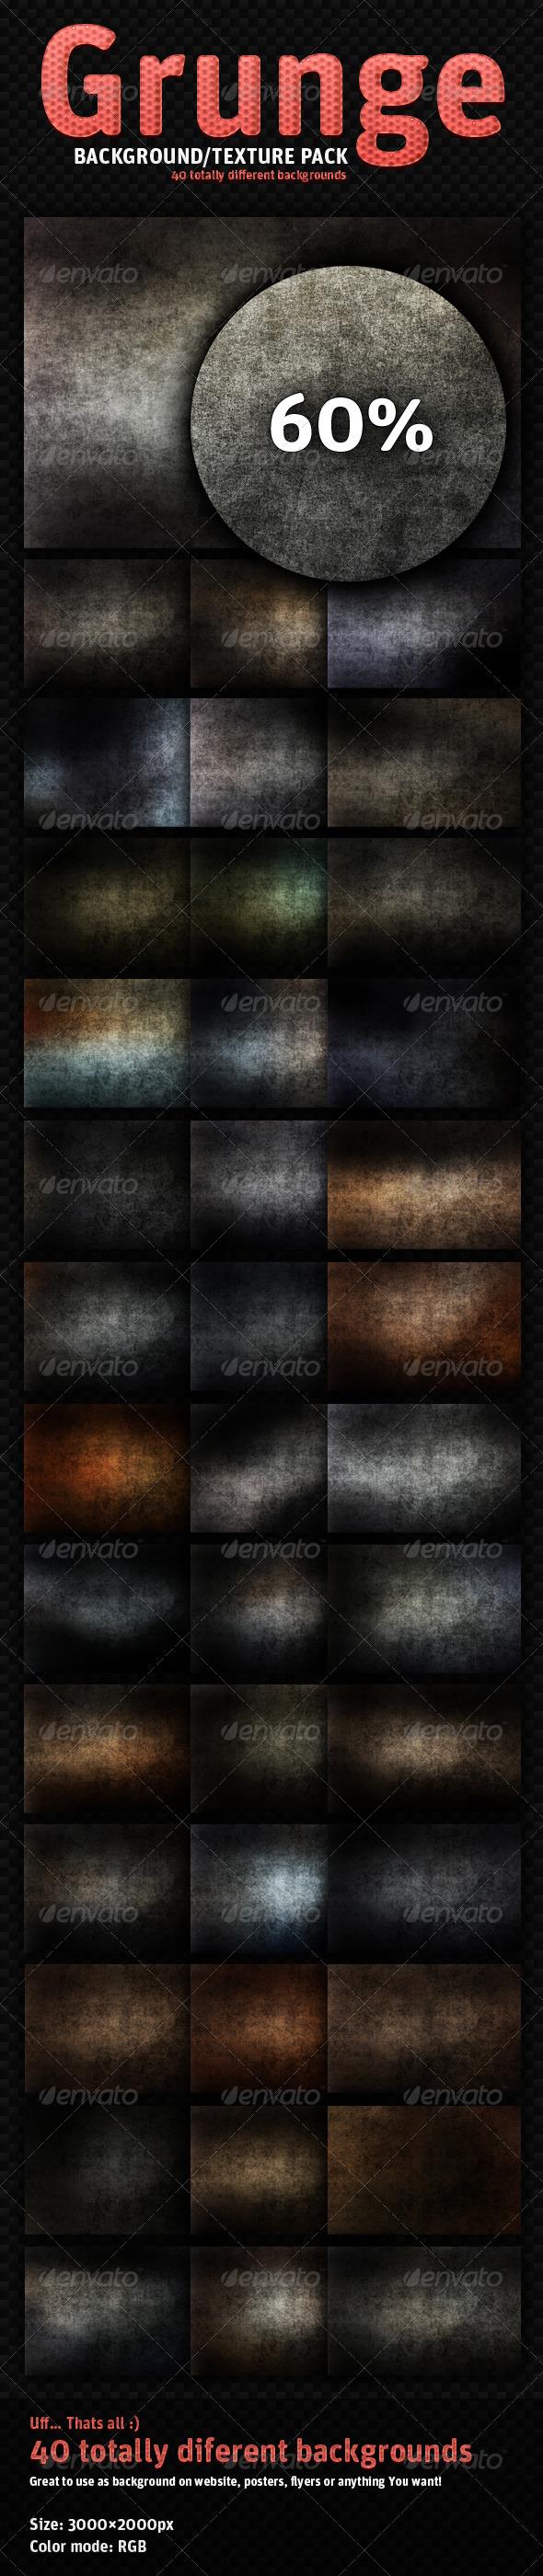 Dark Grunge - 40 Totally Different Textures - Industrial / Grunge Textures